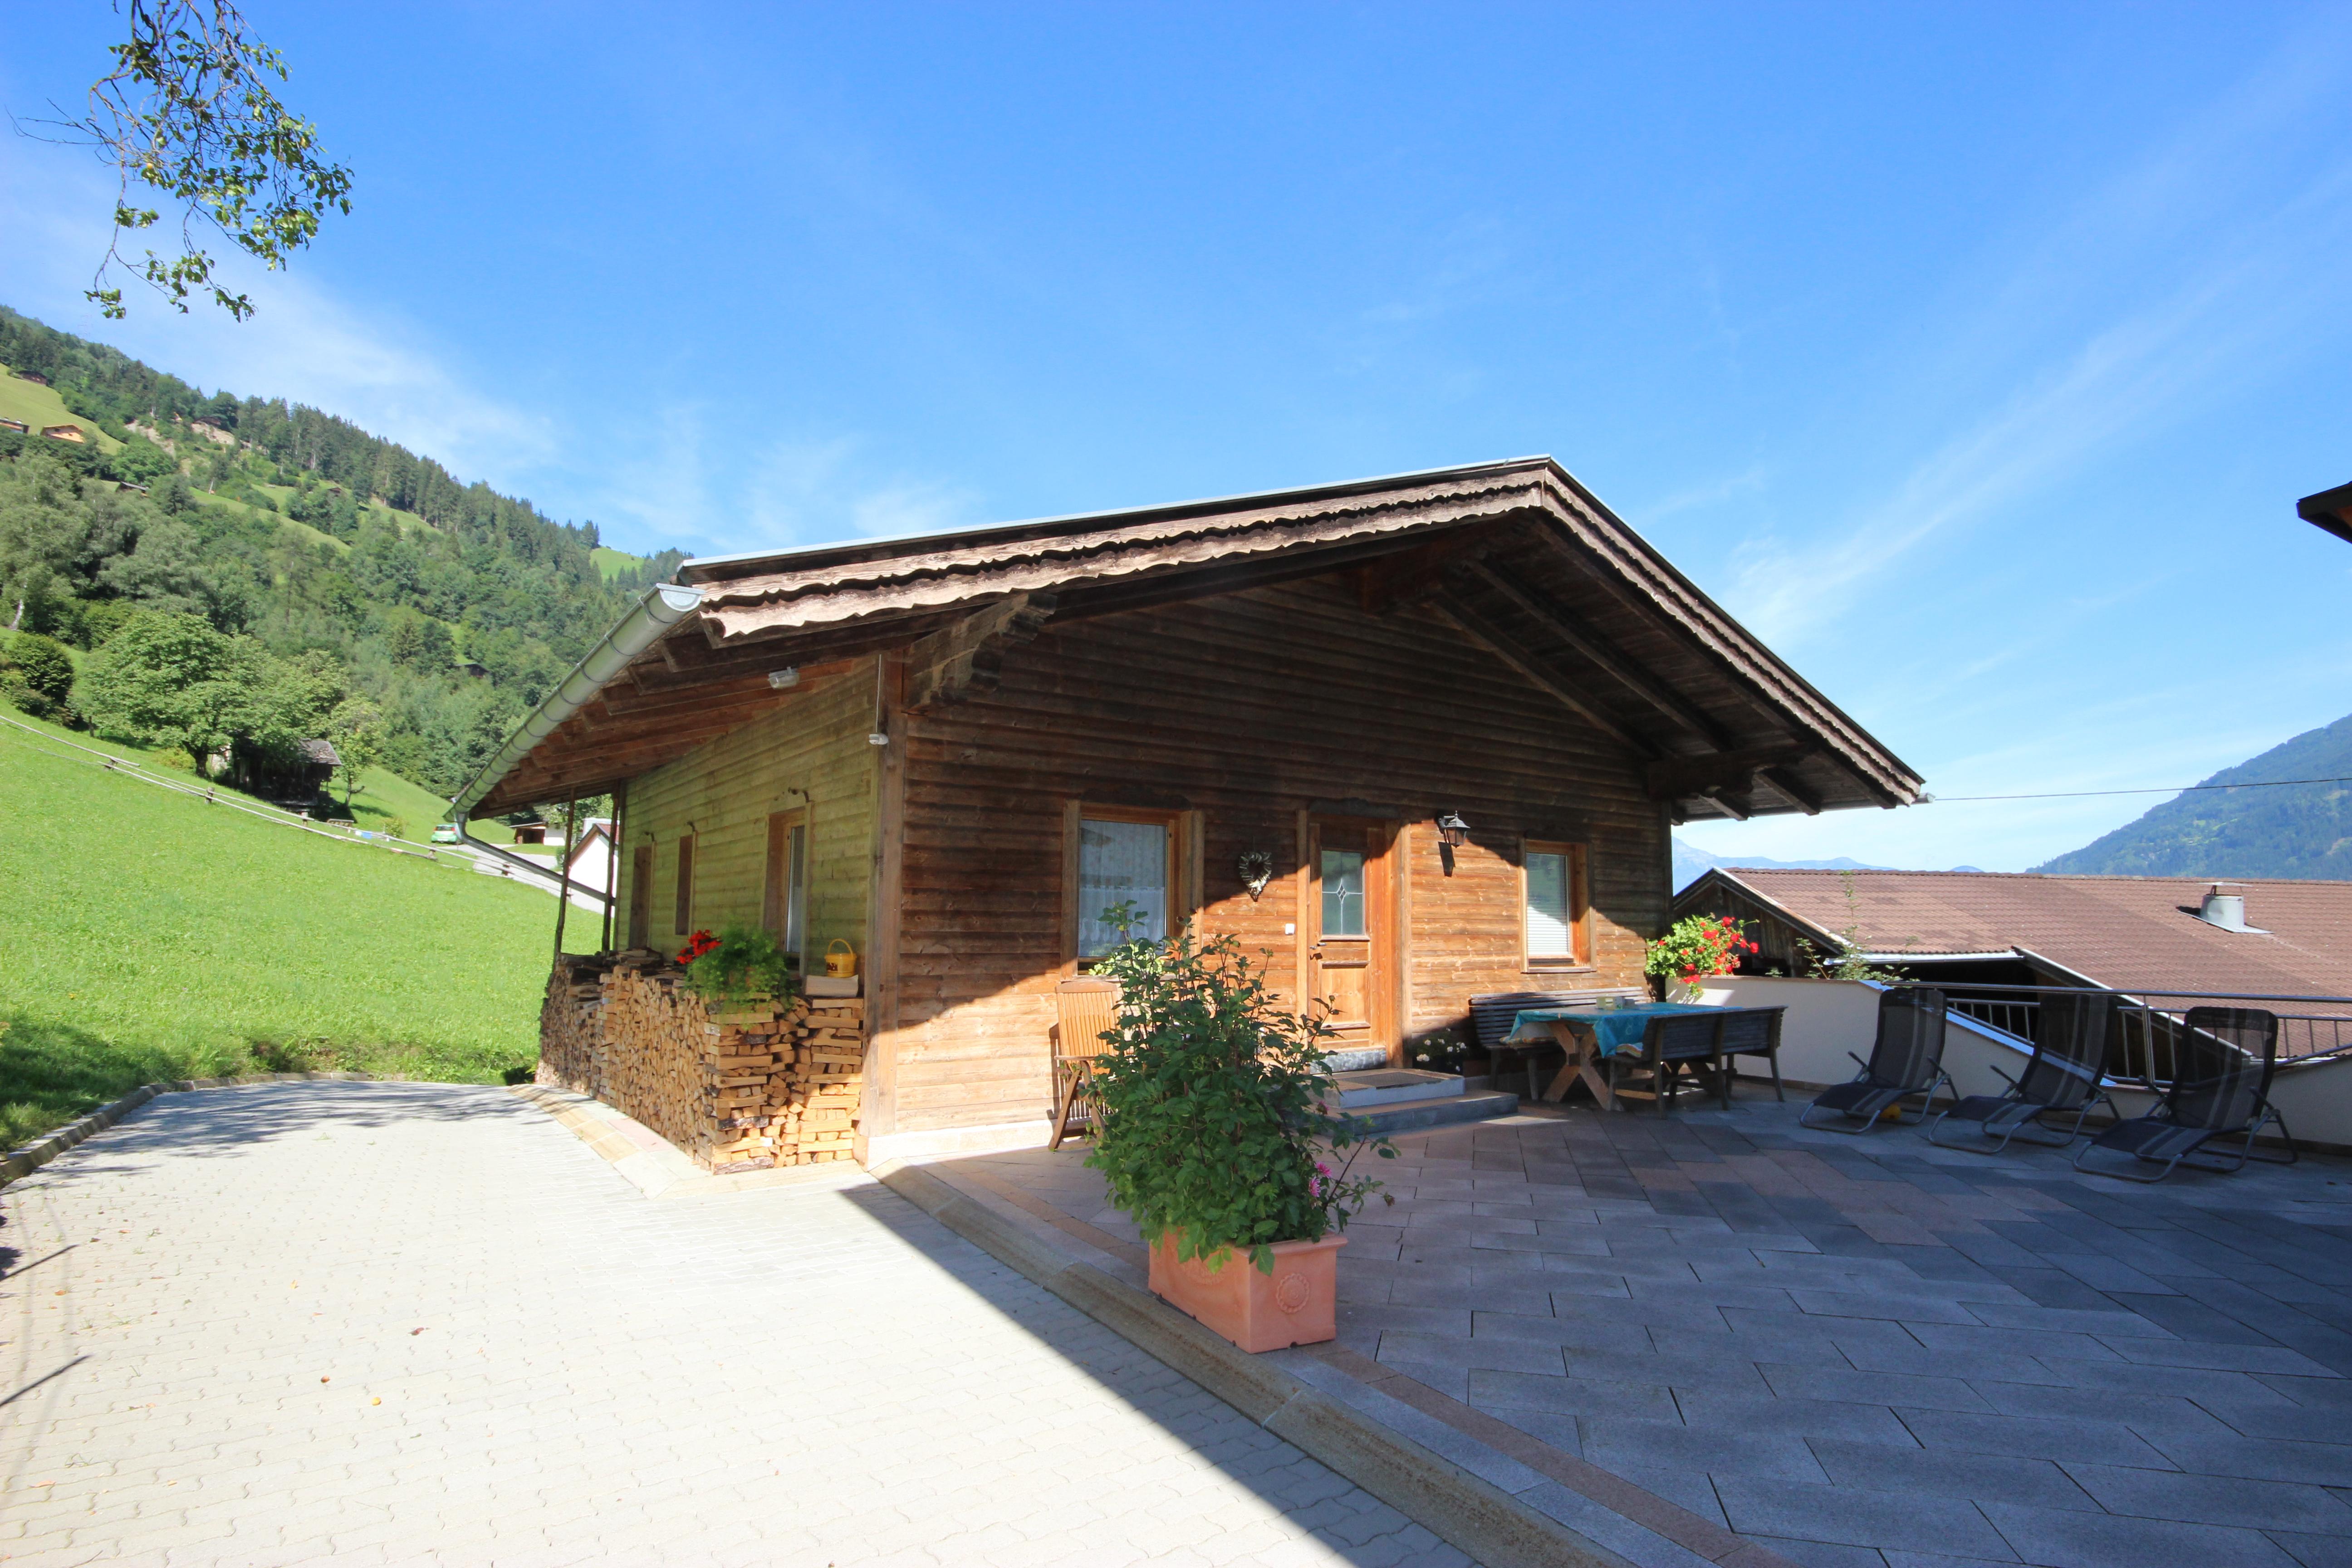 Moderne häuser mit pool in österreich  Österreich Ferienwohnungen mieten | Interhome